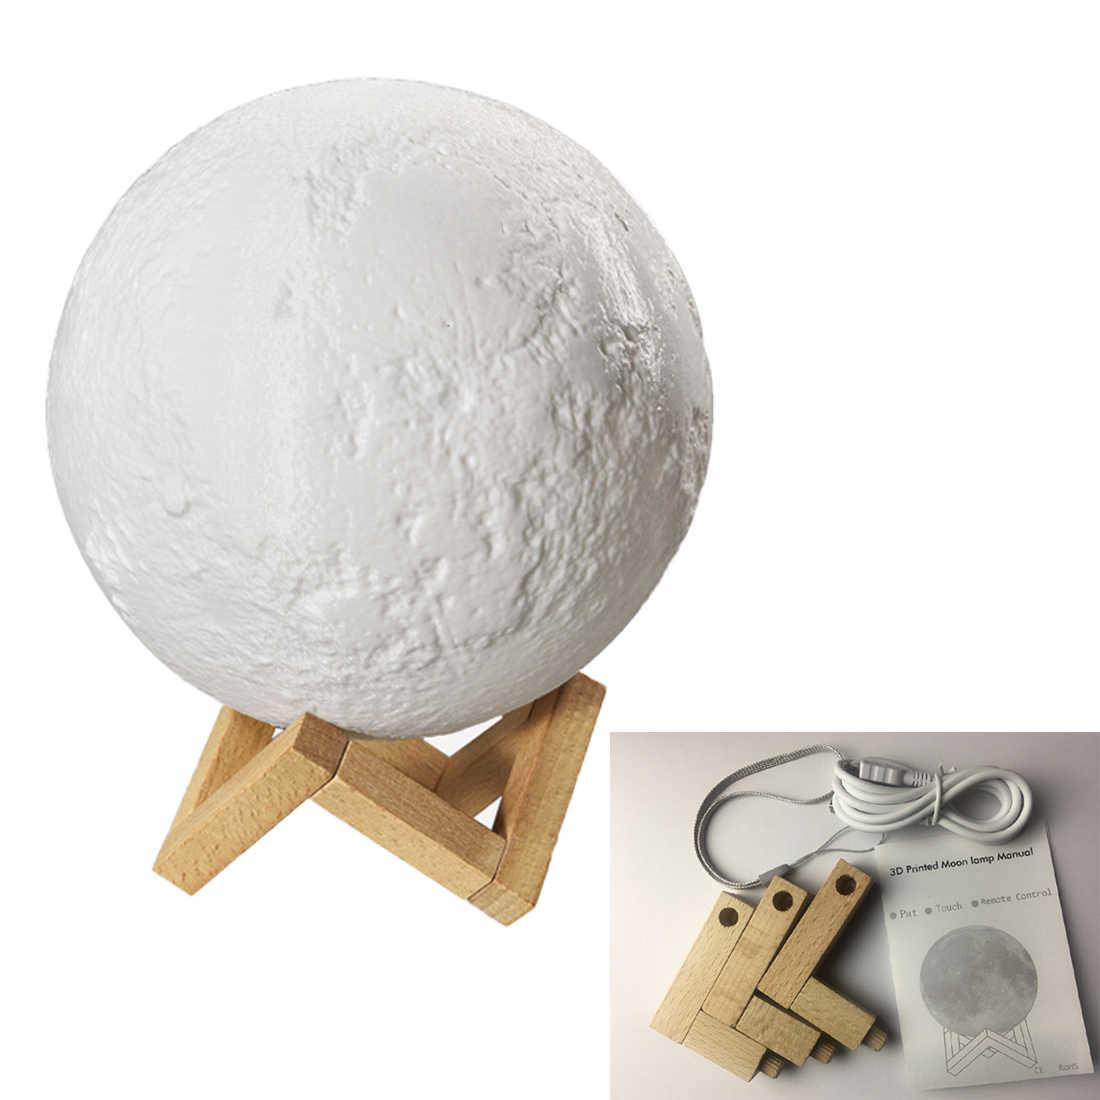 3D печать лунного света индивидуальная Лунная usb зарядка Ночная лампа сенсорный контроль тусклый сенсорный переключатель яркости